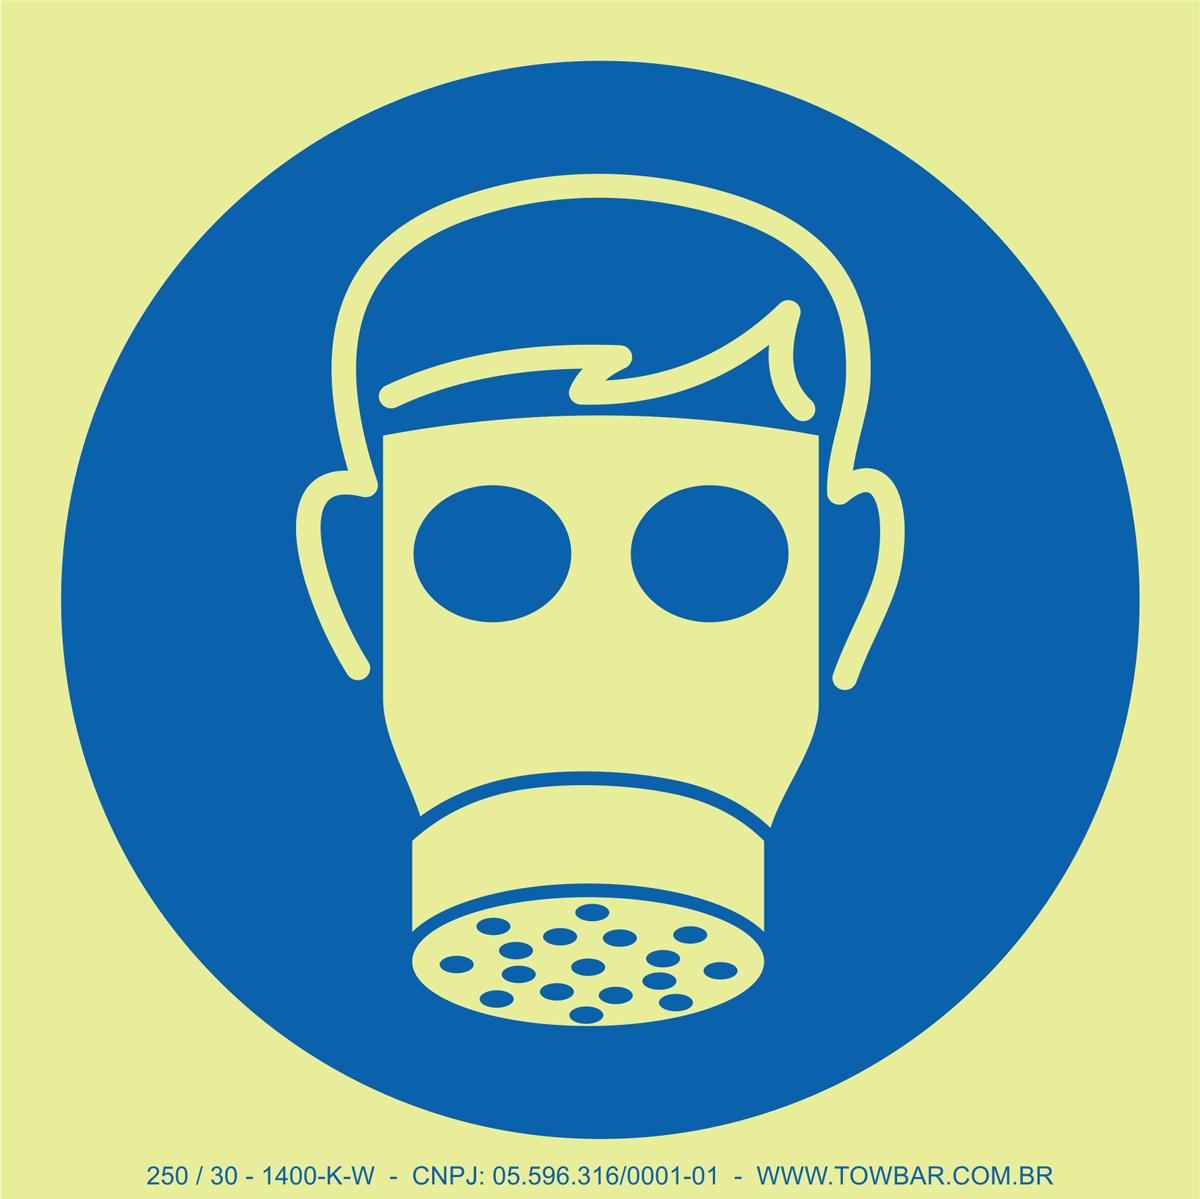 Wear Respirator  - Towbar Sinalização de Segurança